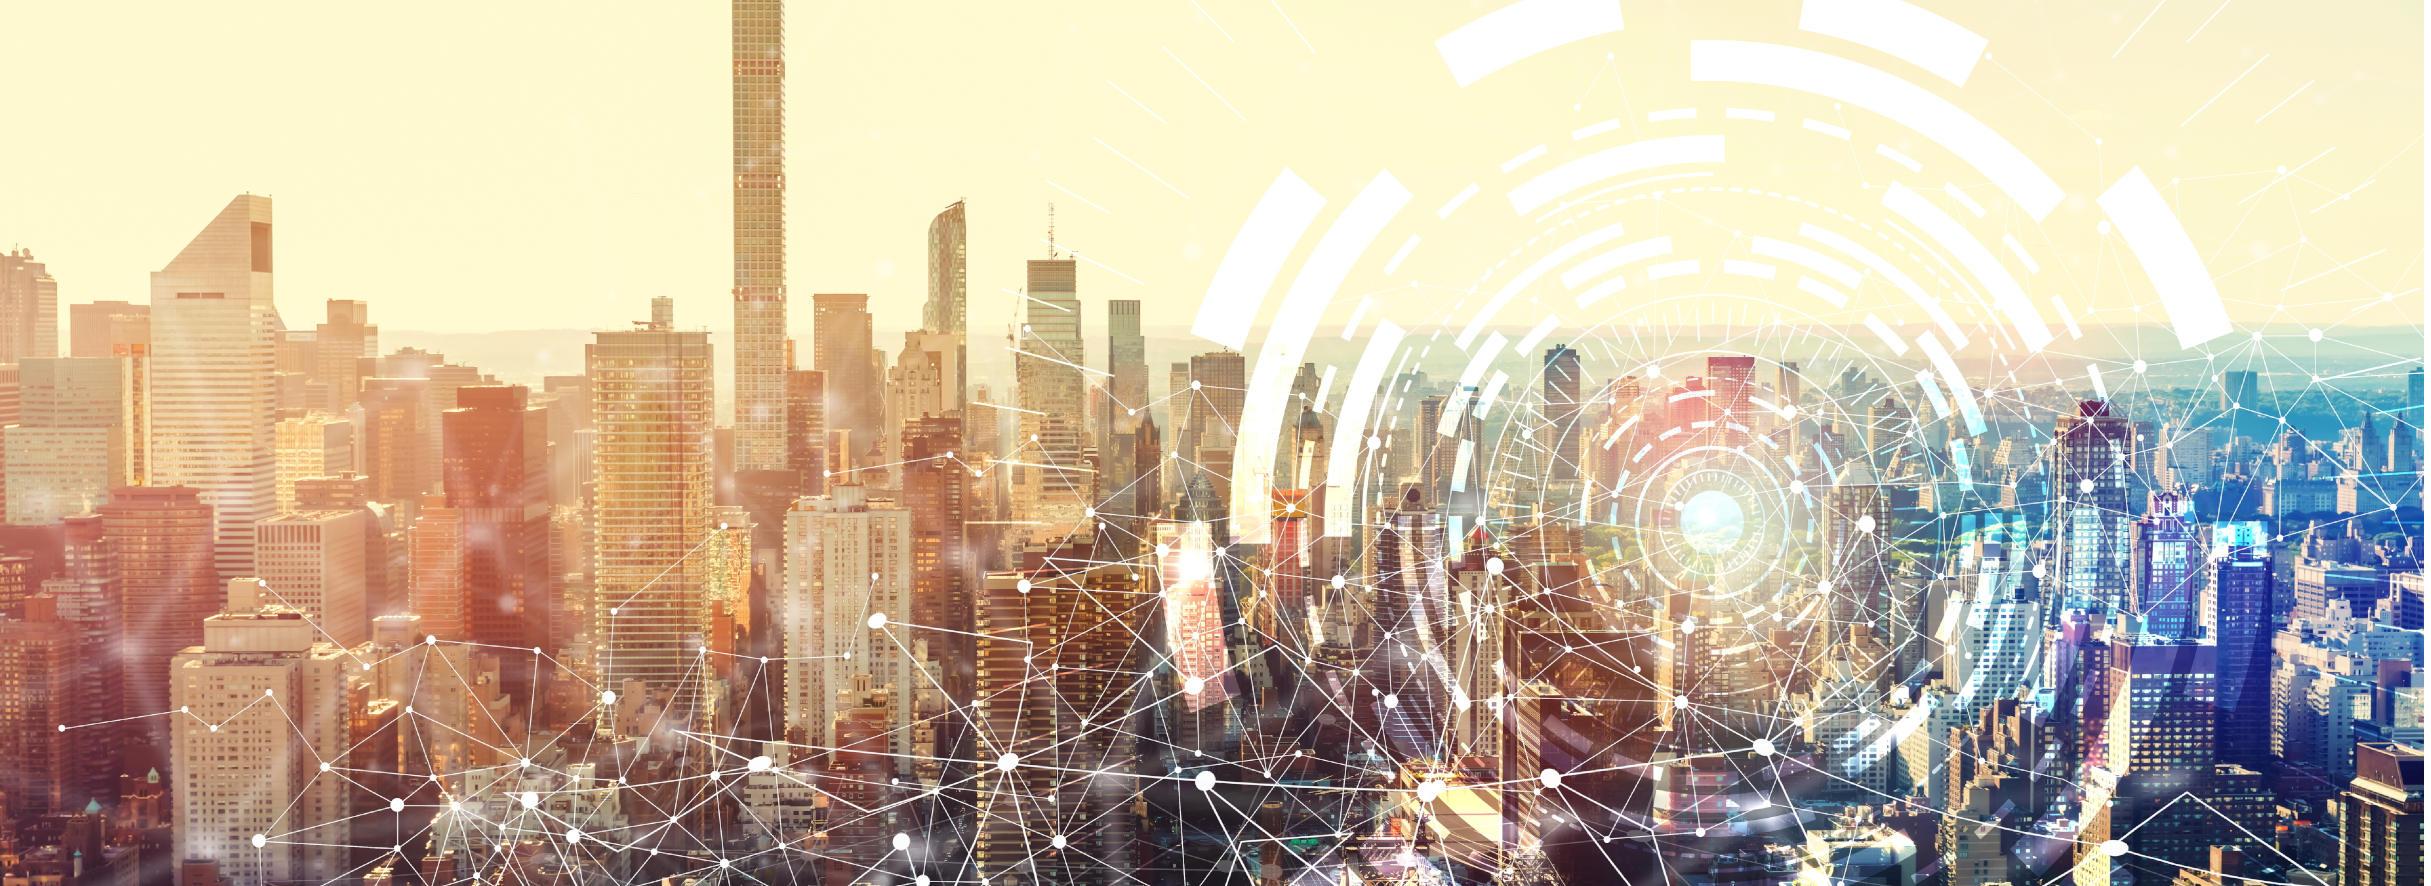 Tendências em 2019 para o mercado de criptomoedas